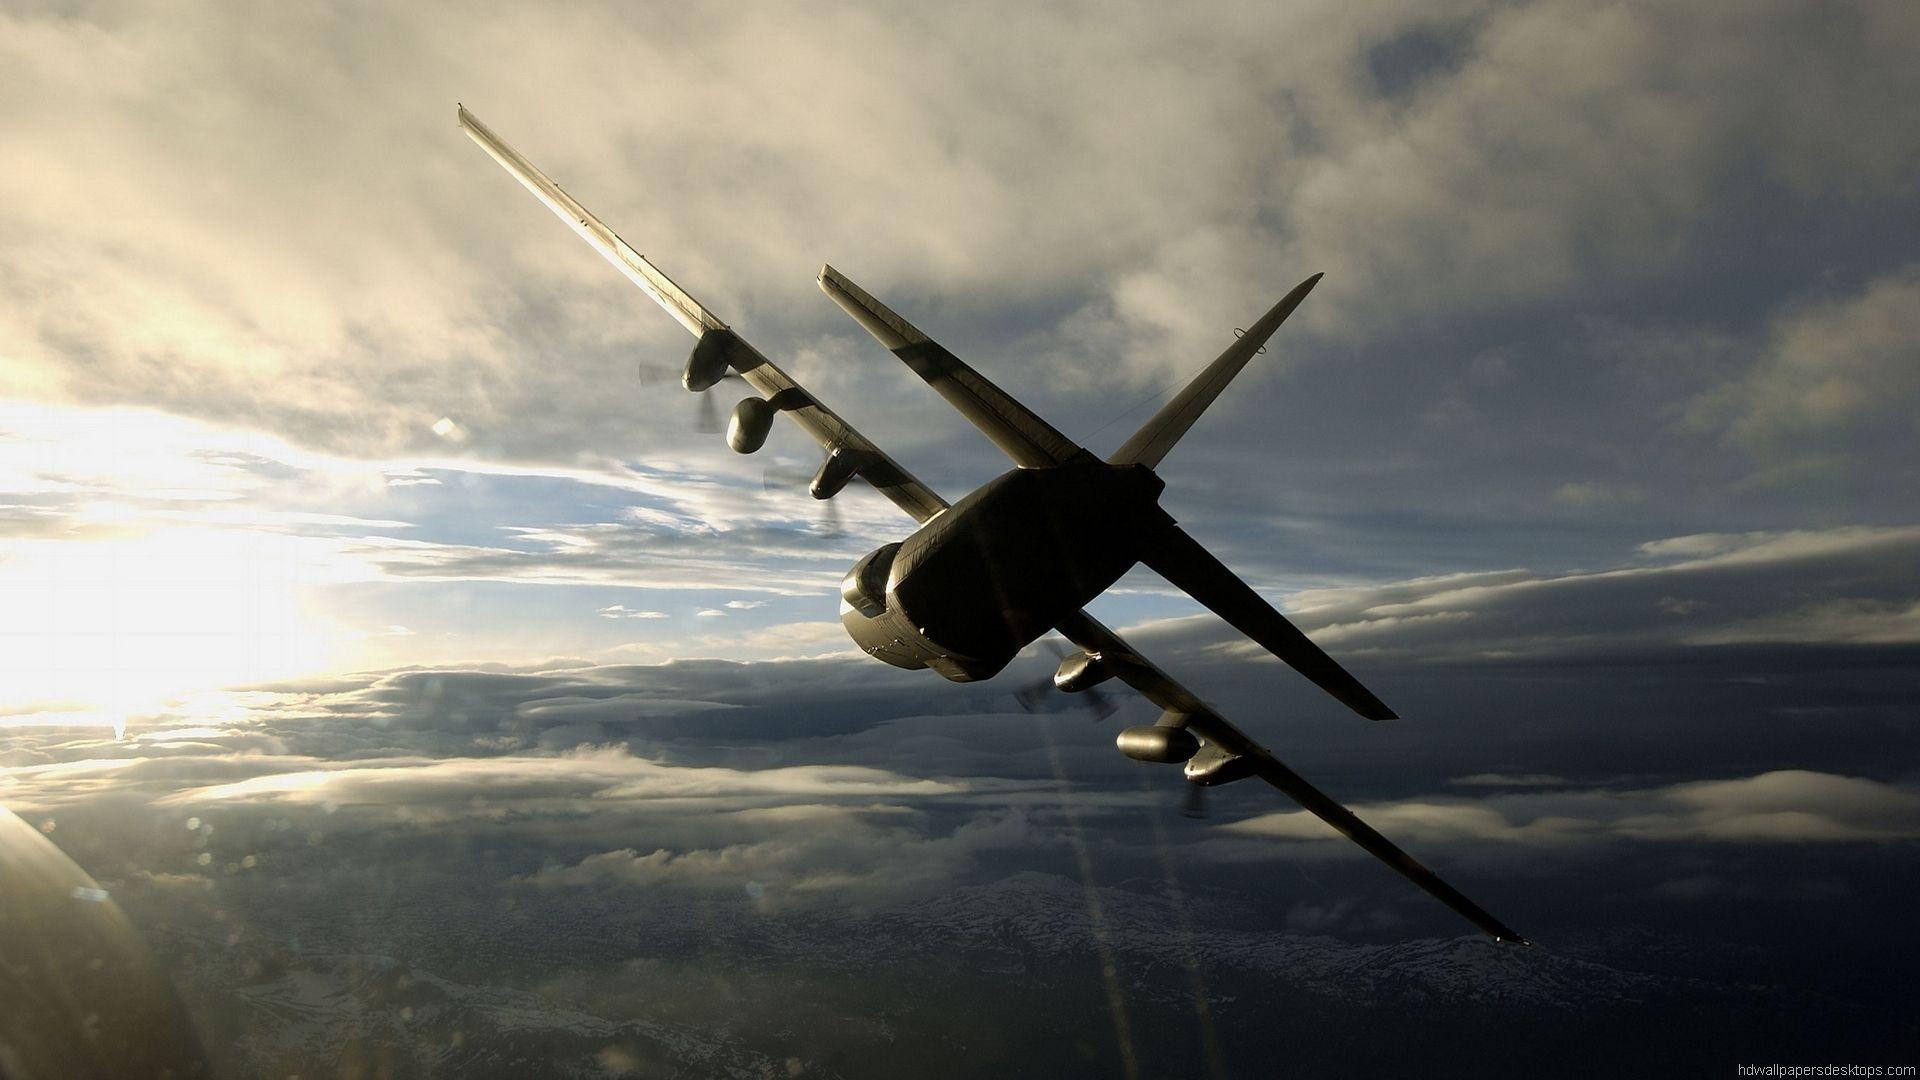 f18 hornet fighter plane wallpaper | f18 hornet fighter plane